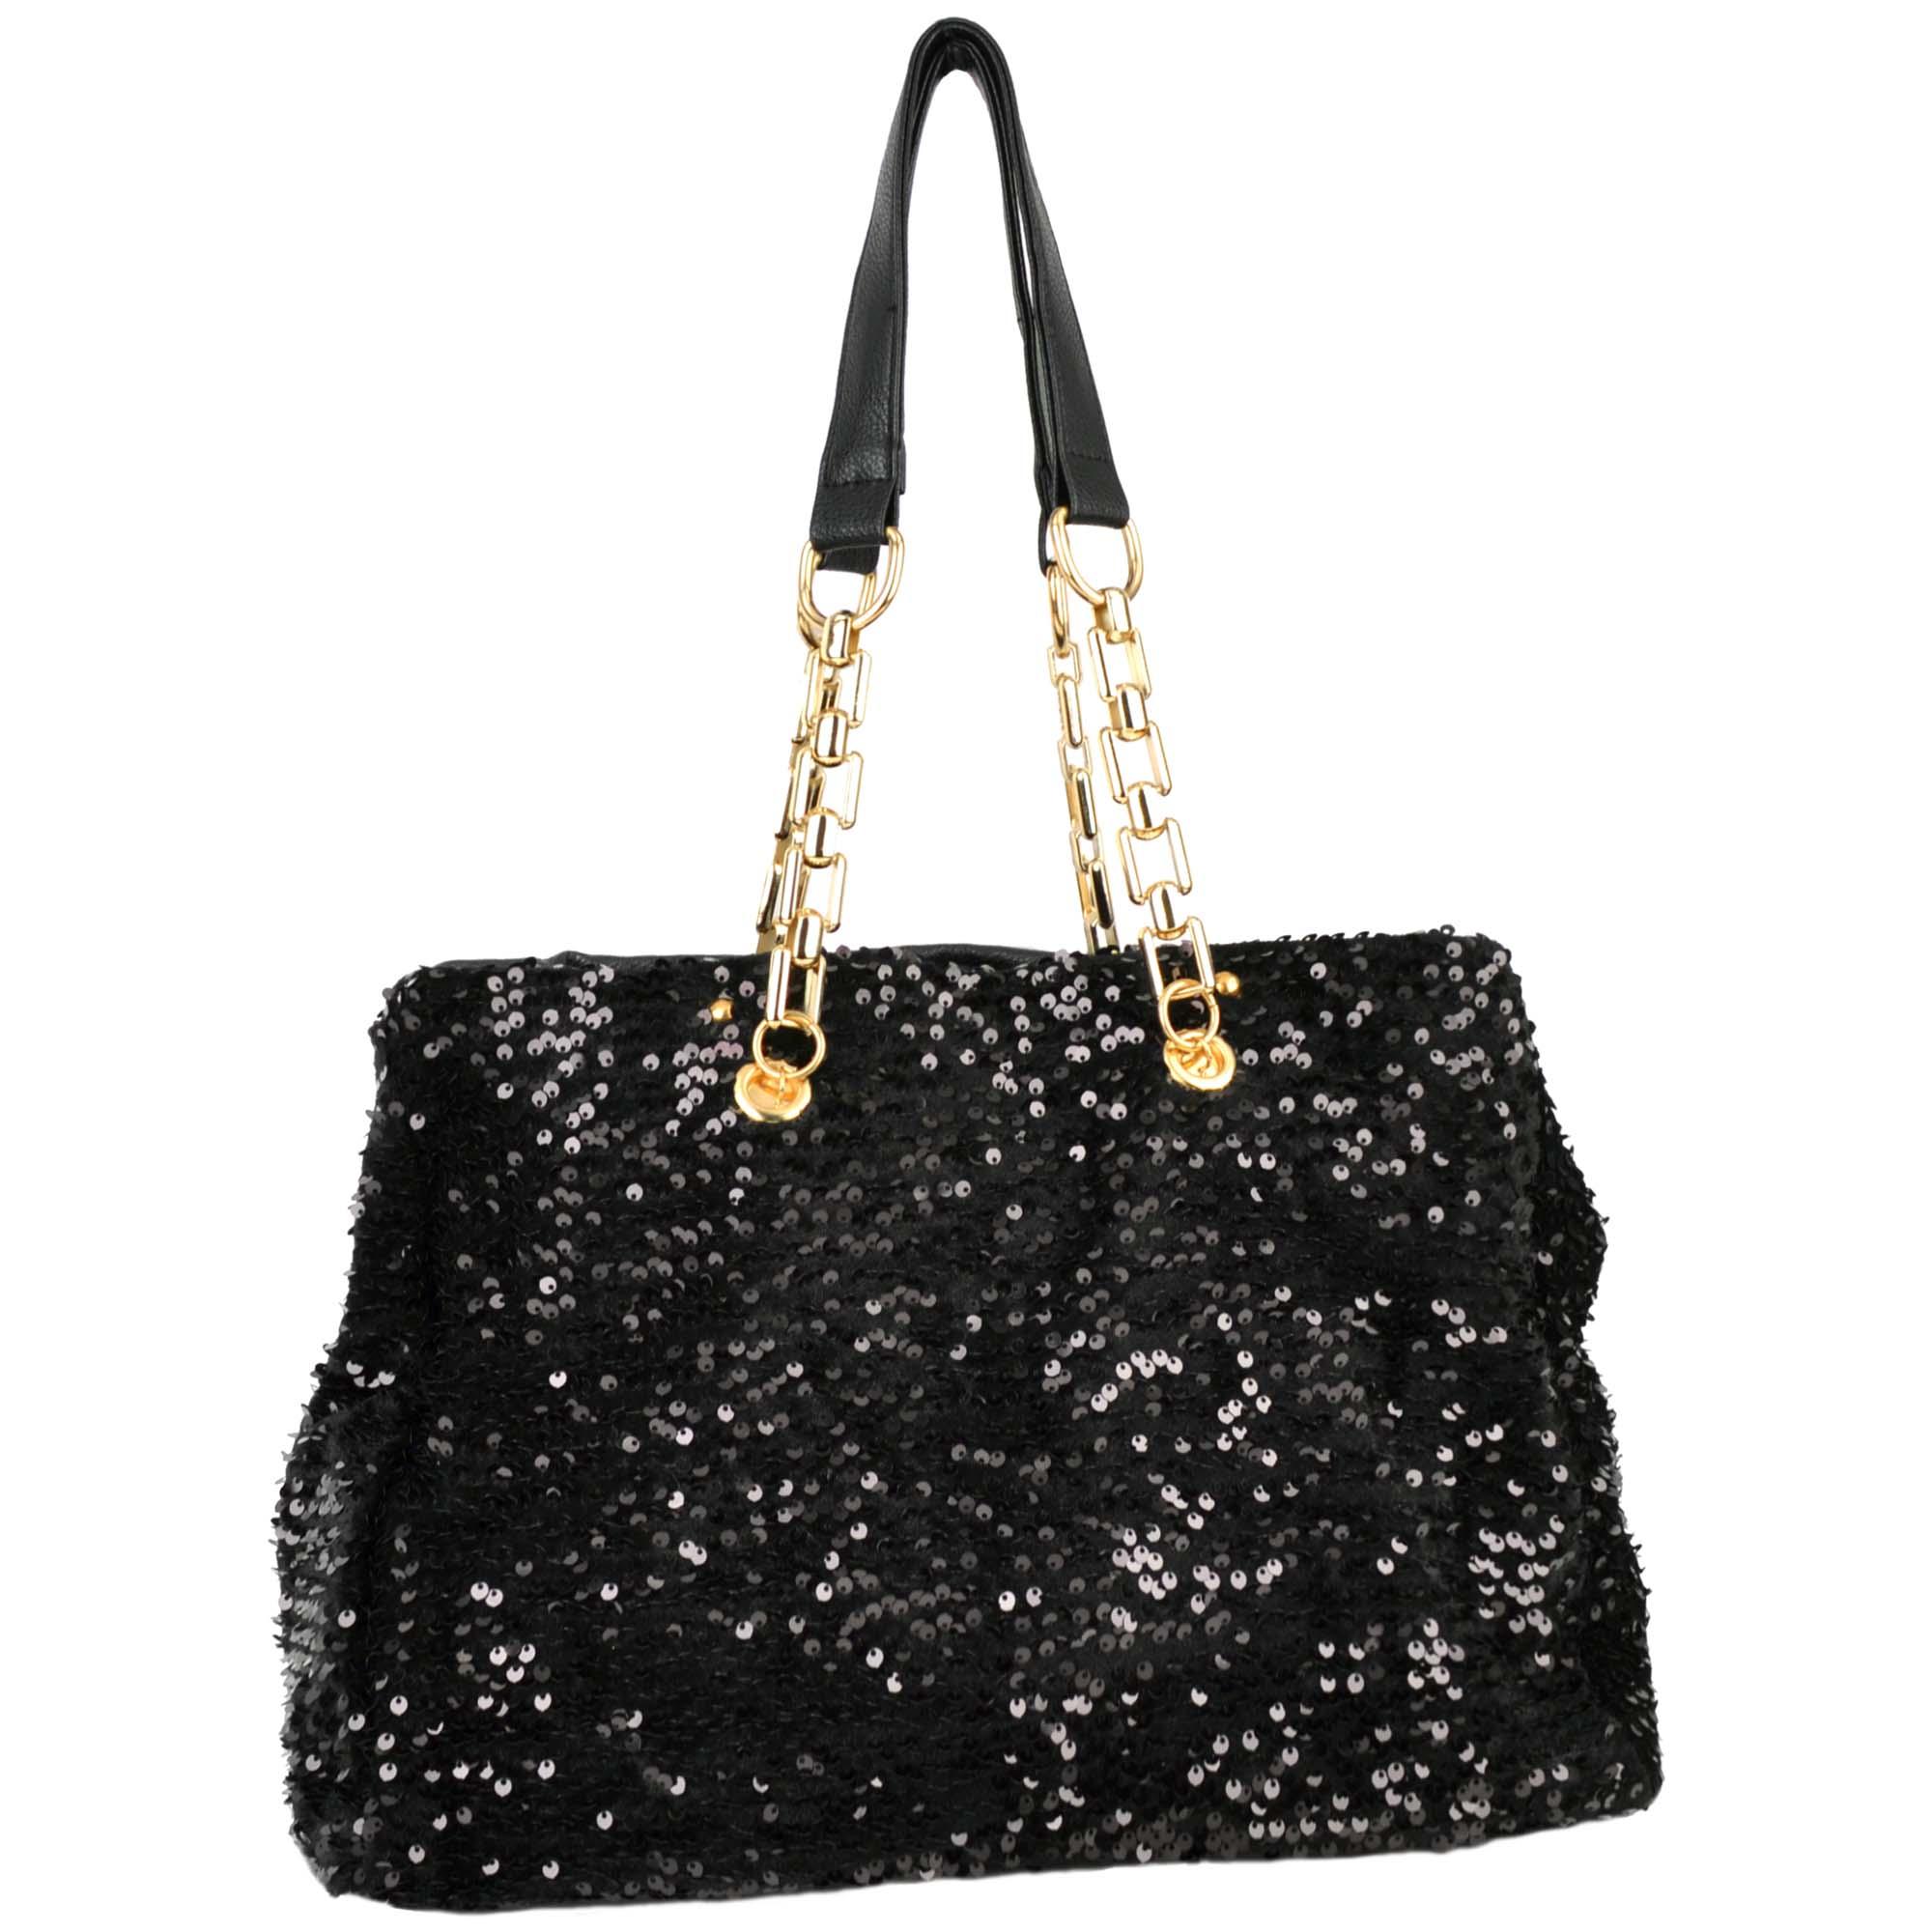 Noelia black sequined handbag front image